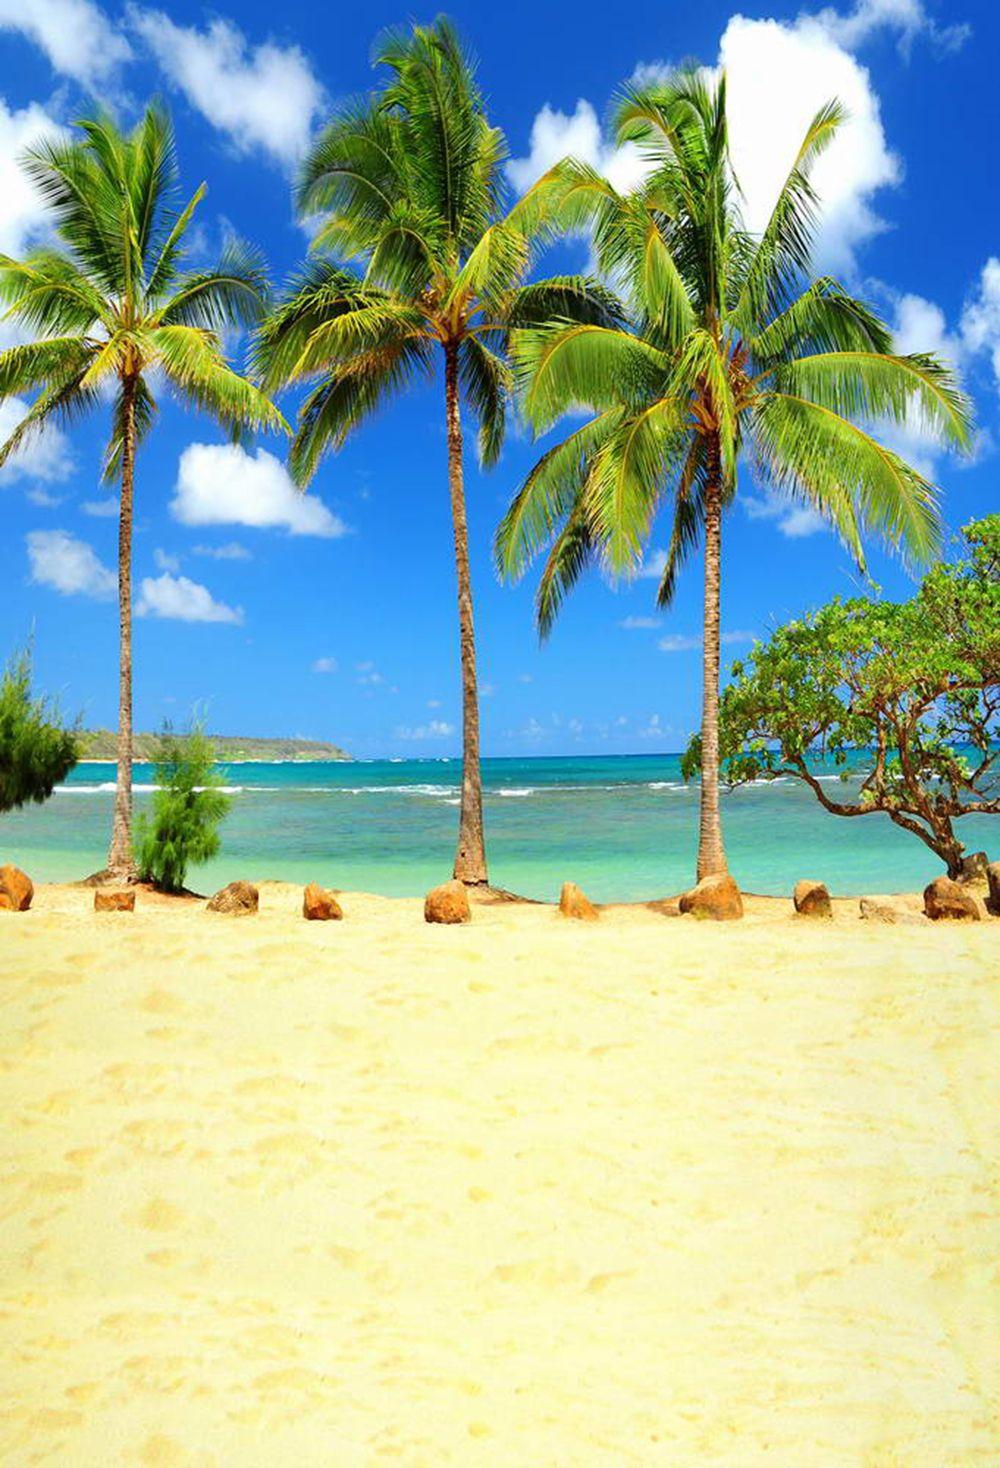 acheter palmiers plage th me photographie studio fond sable plancher ciel bleu mer eau. Black Bedroom Furniture Sets. Home Design Ideas